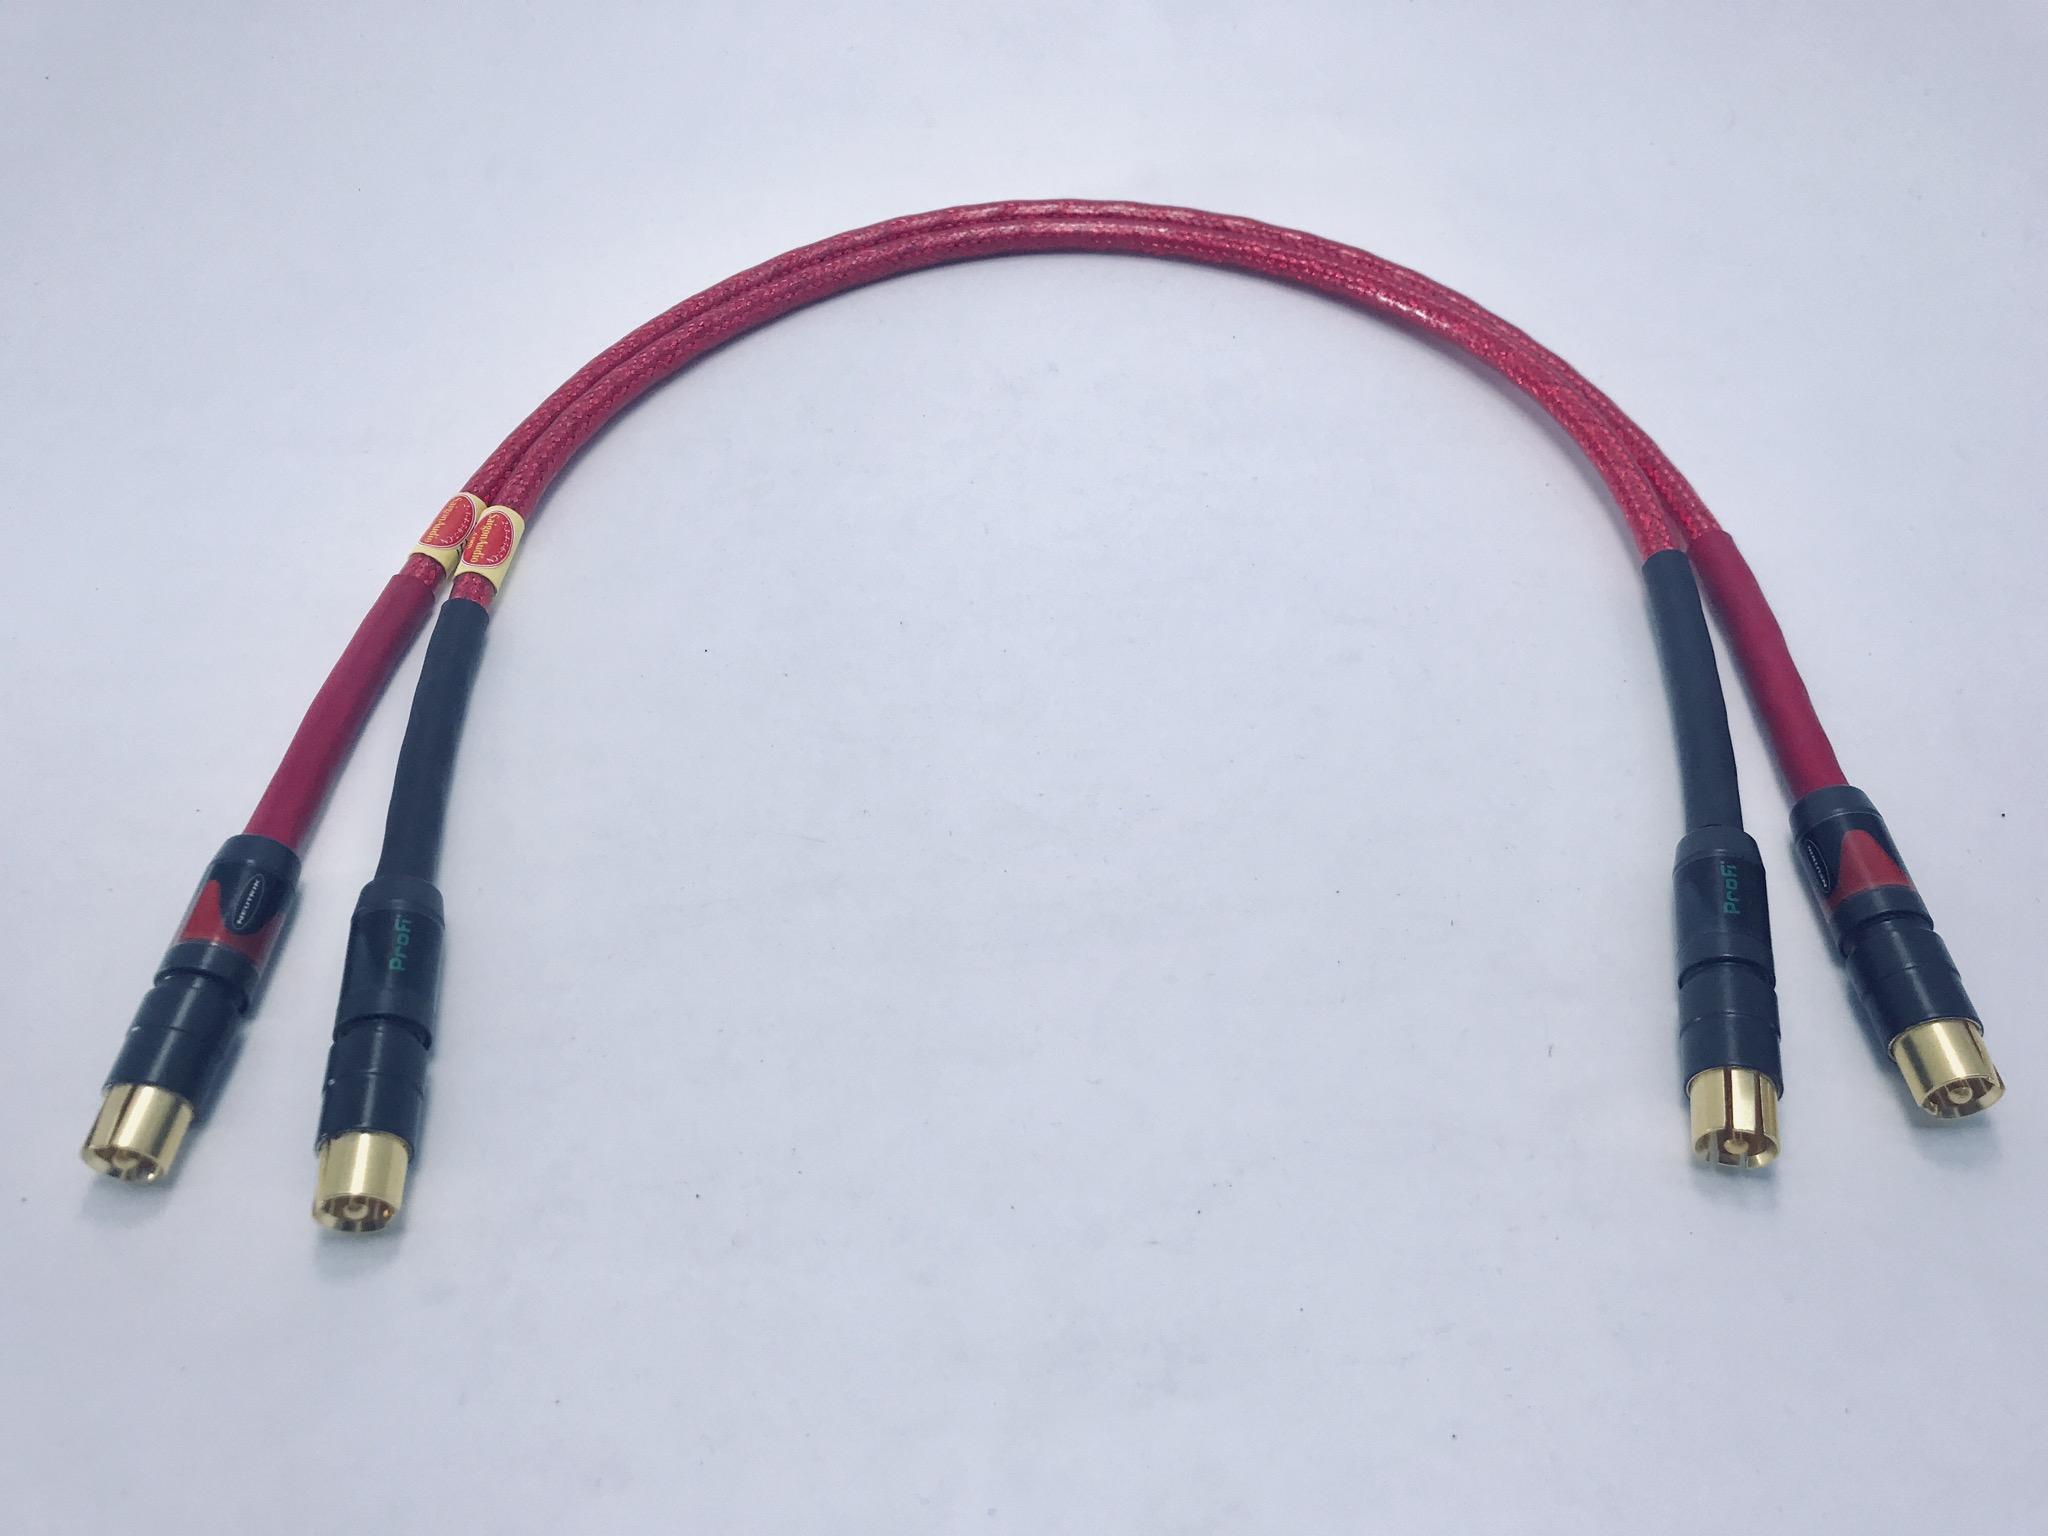 Dây tín hiệu XLR Nordost HEIMDALL 2 Norse 2 Series - Tăng lực cho dàn hi-fi | 1m, 2m